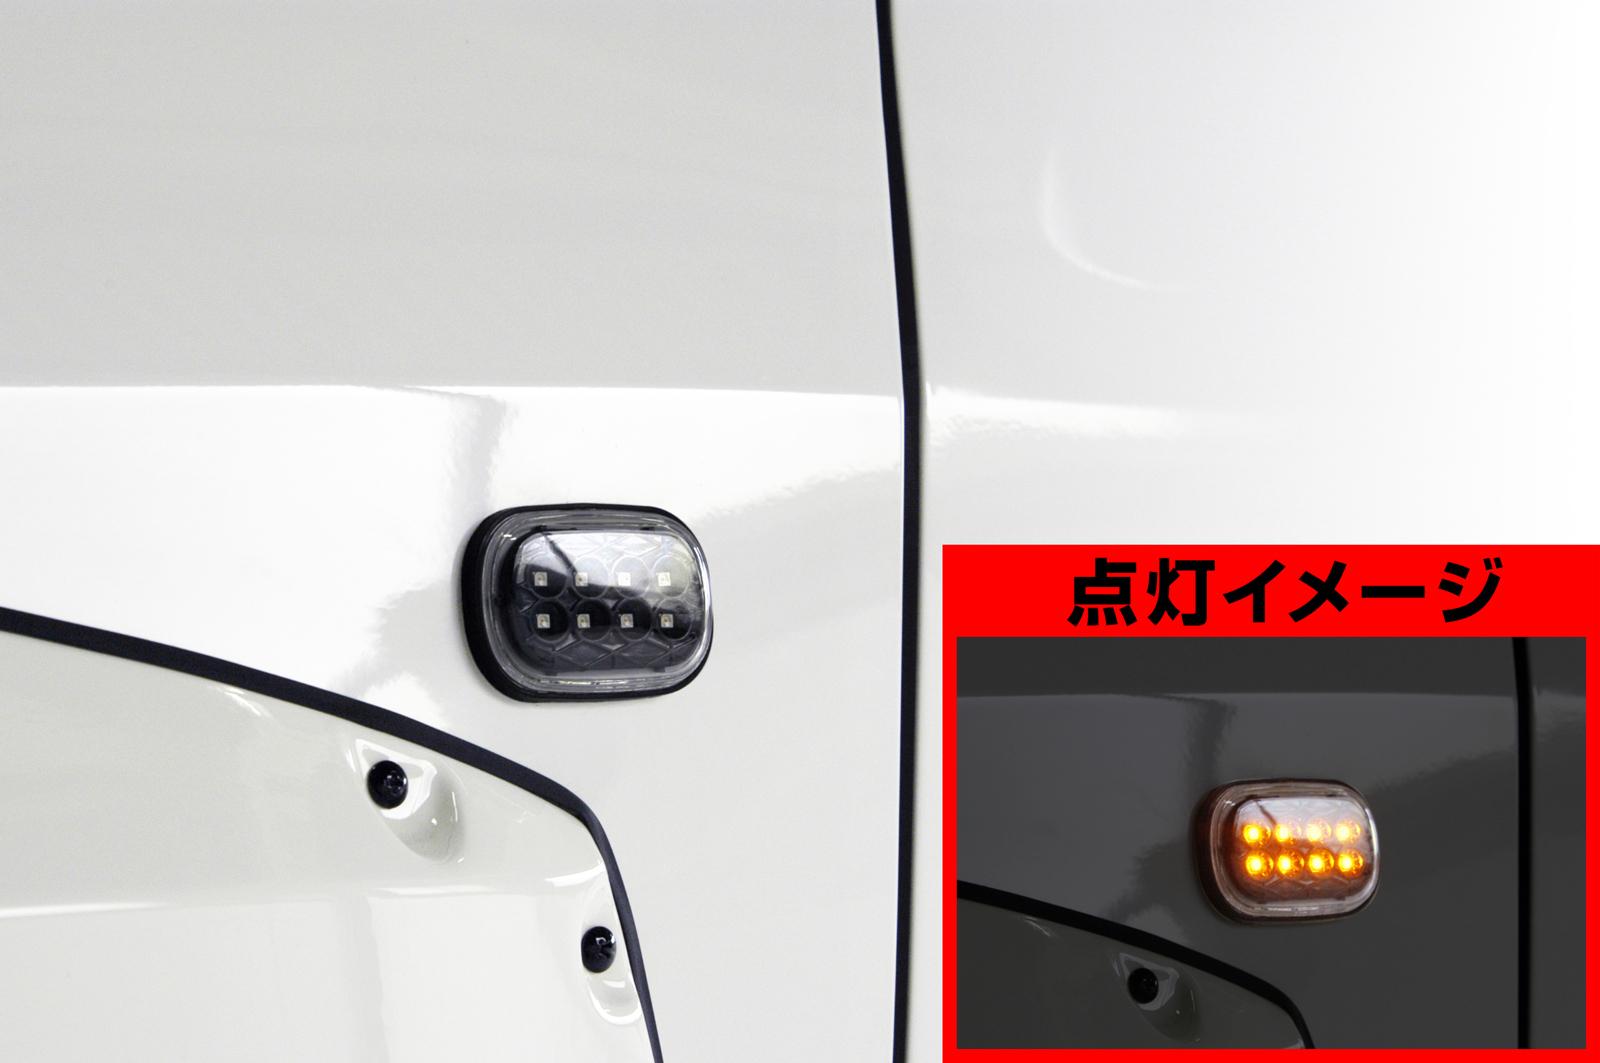 50プロボックス・サクシード LEDサイドマーカー 50PROBOX・SUCCEED LED SIDE MARKER